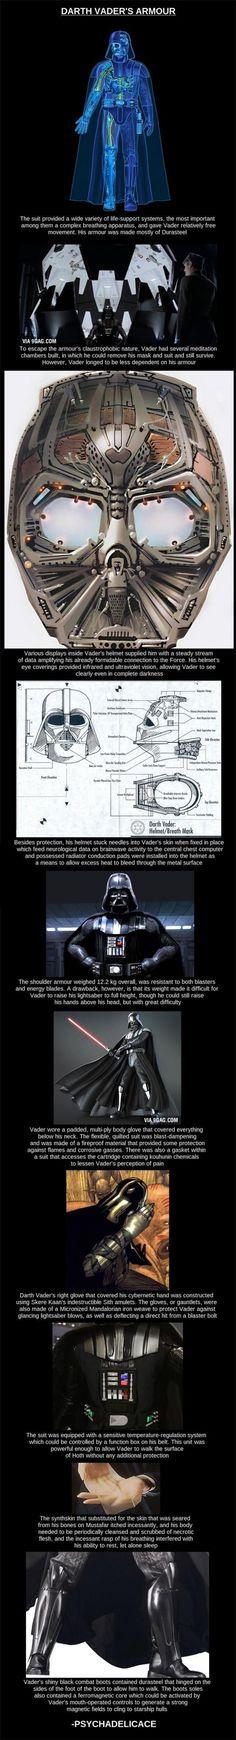 The Secret Behind Vader's Suit